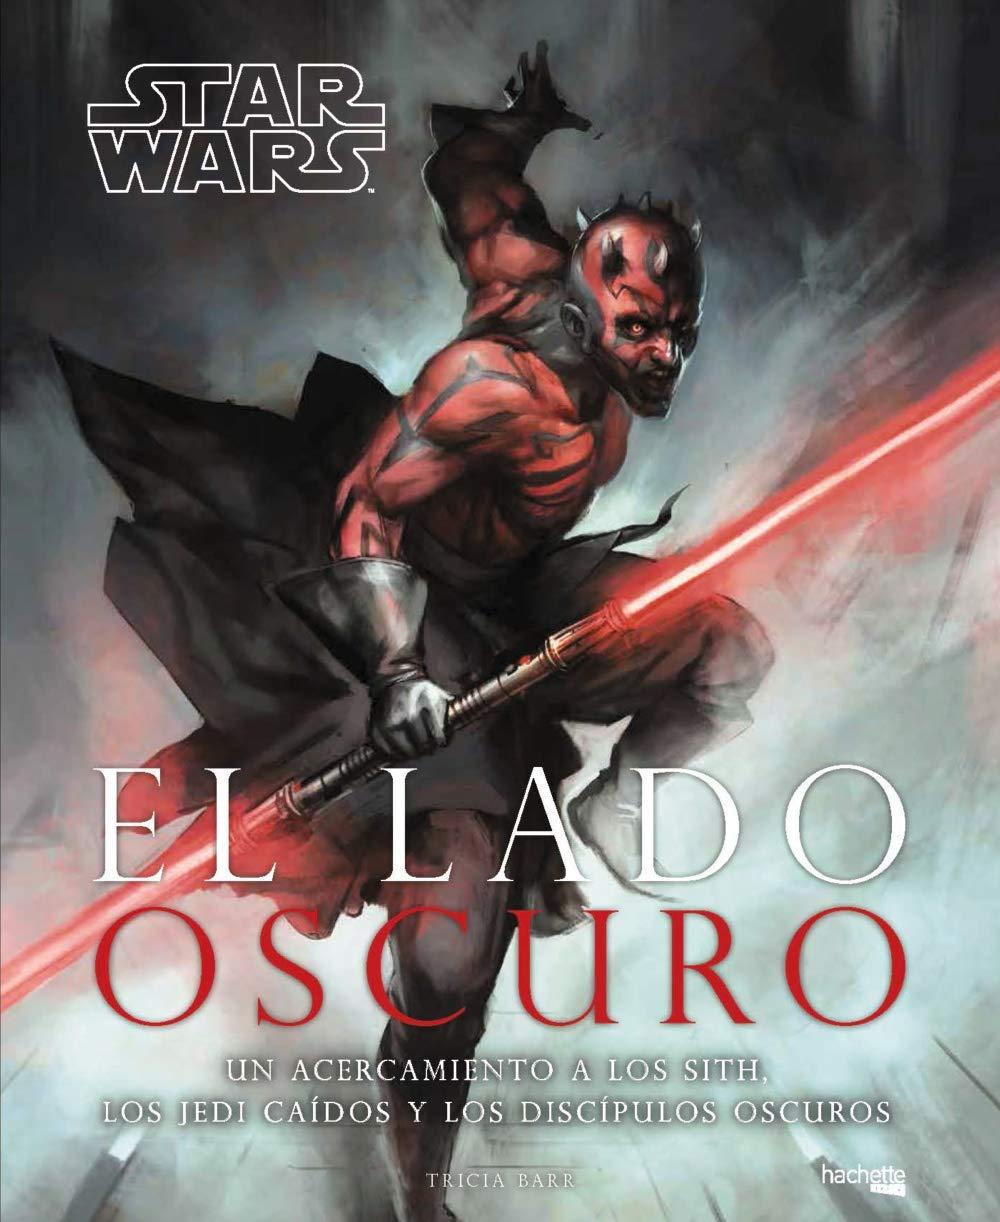 El lado oscuro Hachette Heroes - Star Wars - Especializados: Amazon.es: Barr, Tricia, Tobar Salazar, Alejandro: Libros